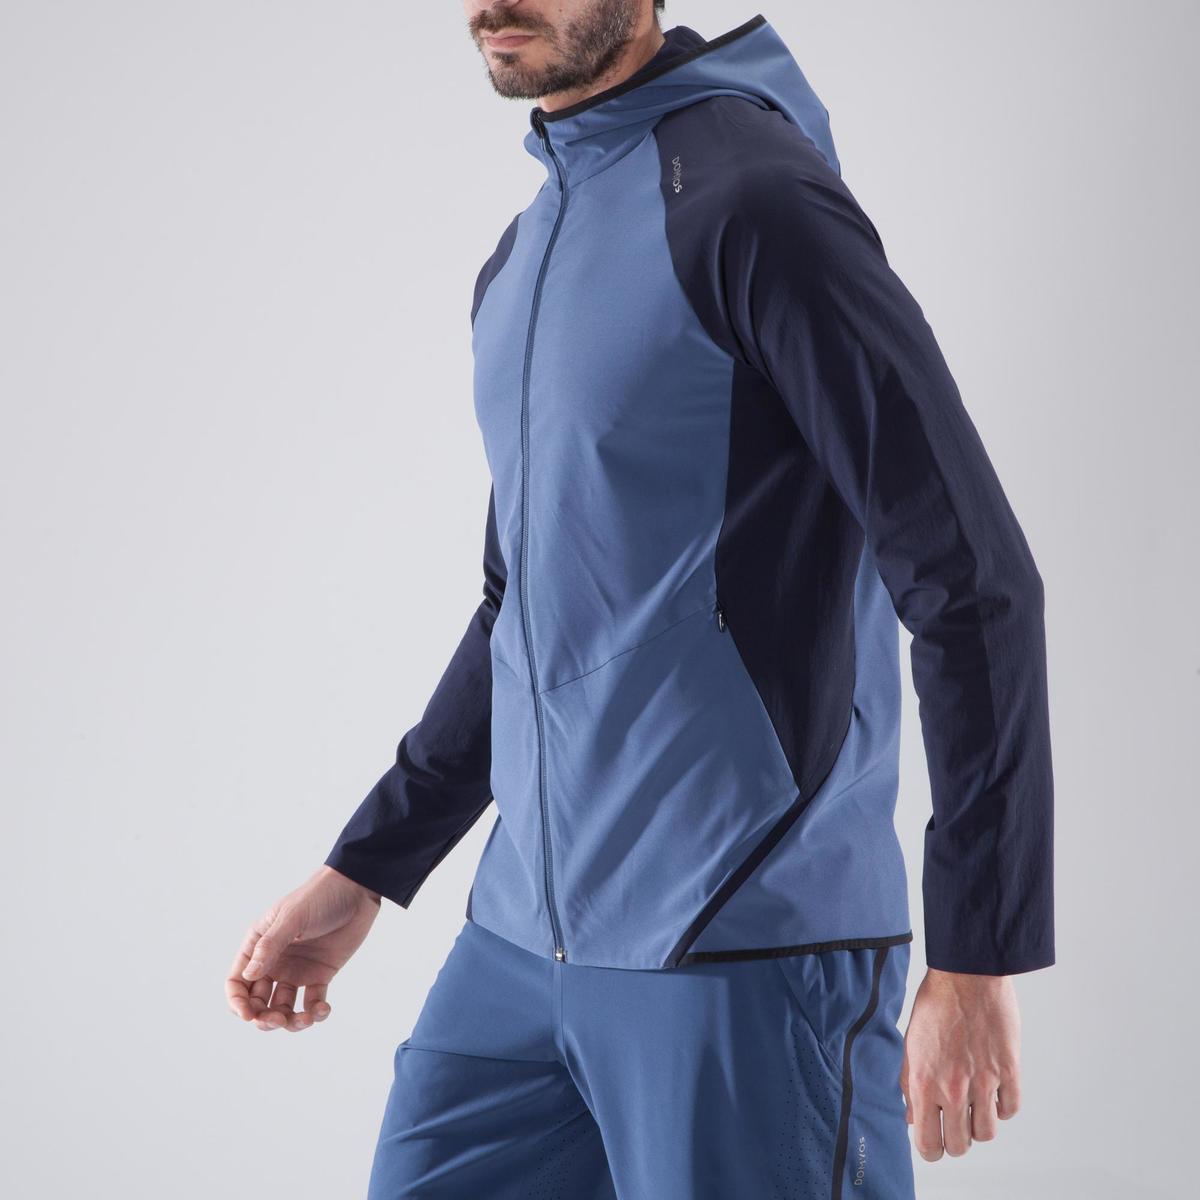 Bild 5 von Trainingsjacke Cardio 900 Herren Fitness blau/schwarz